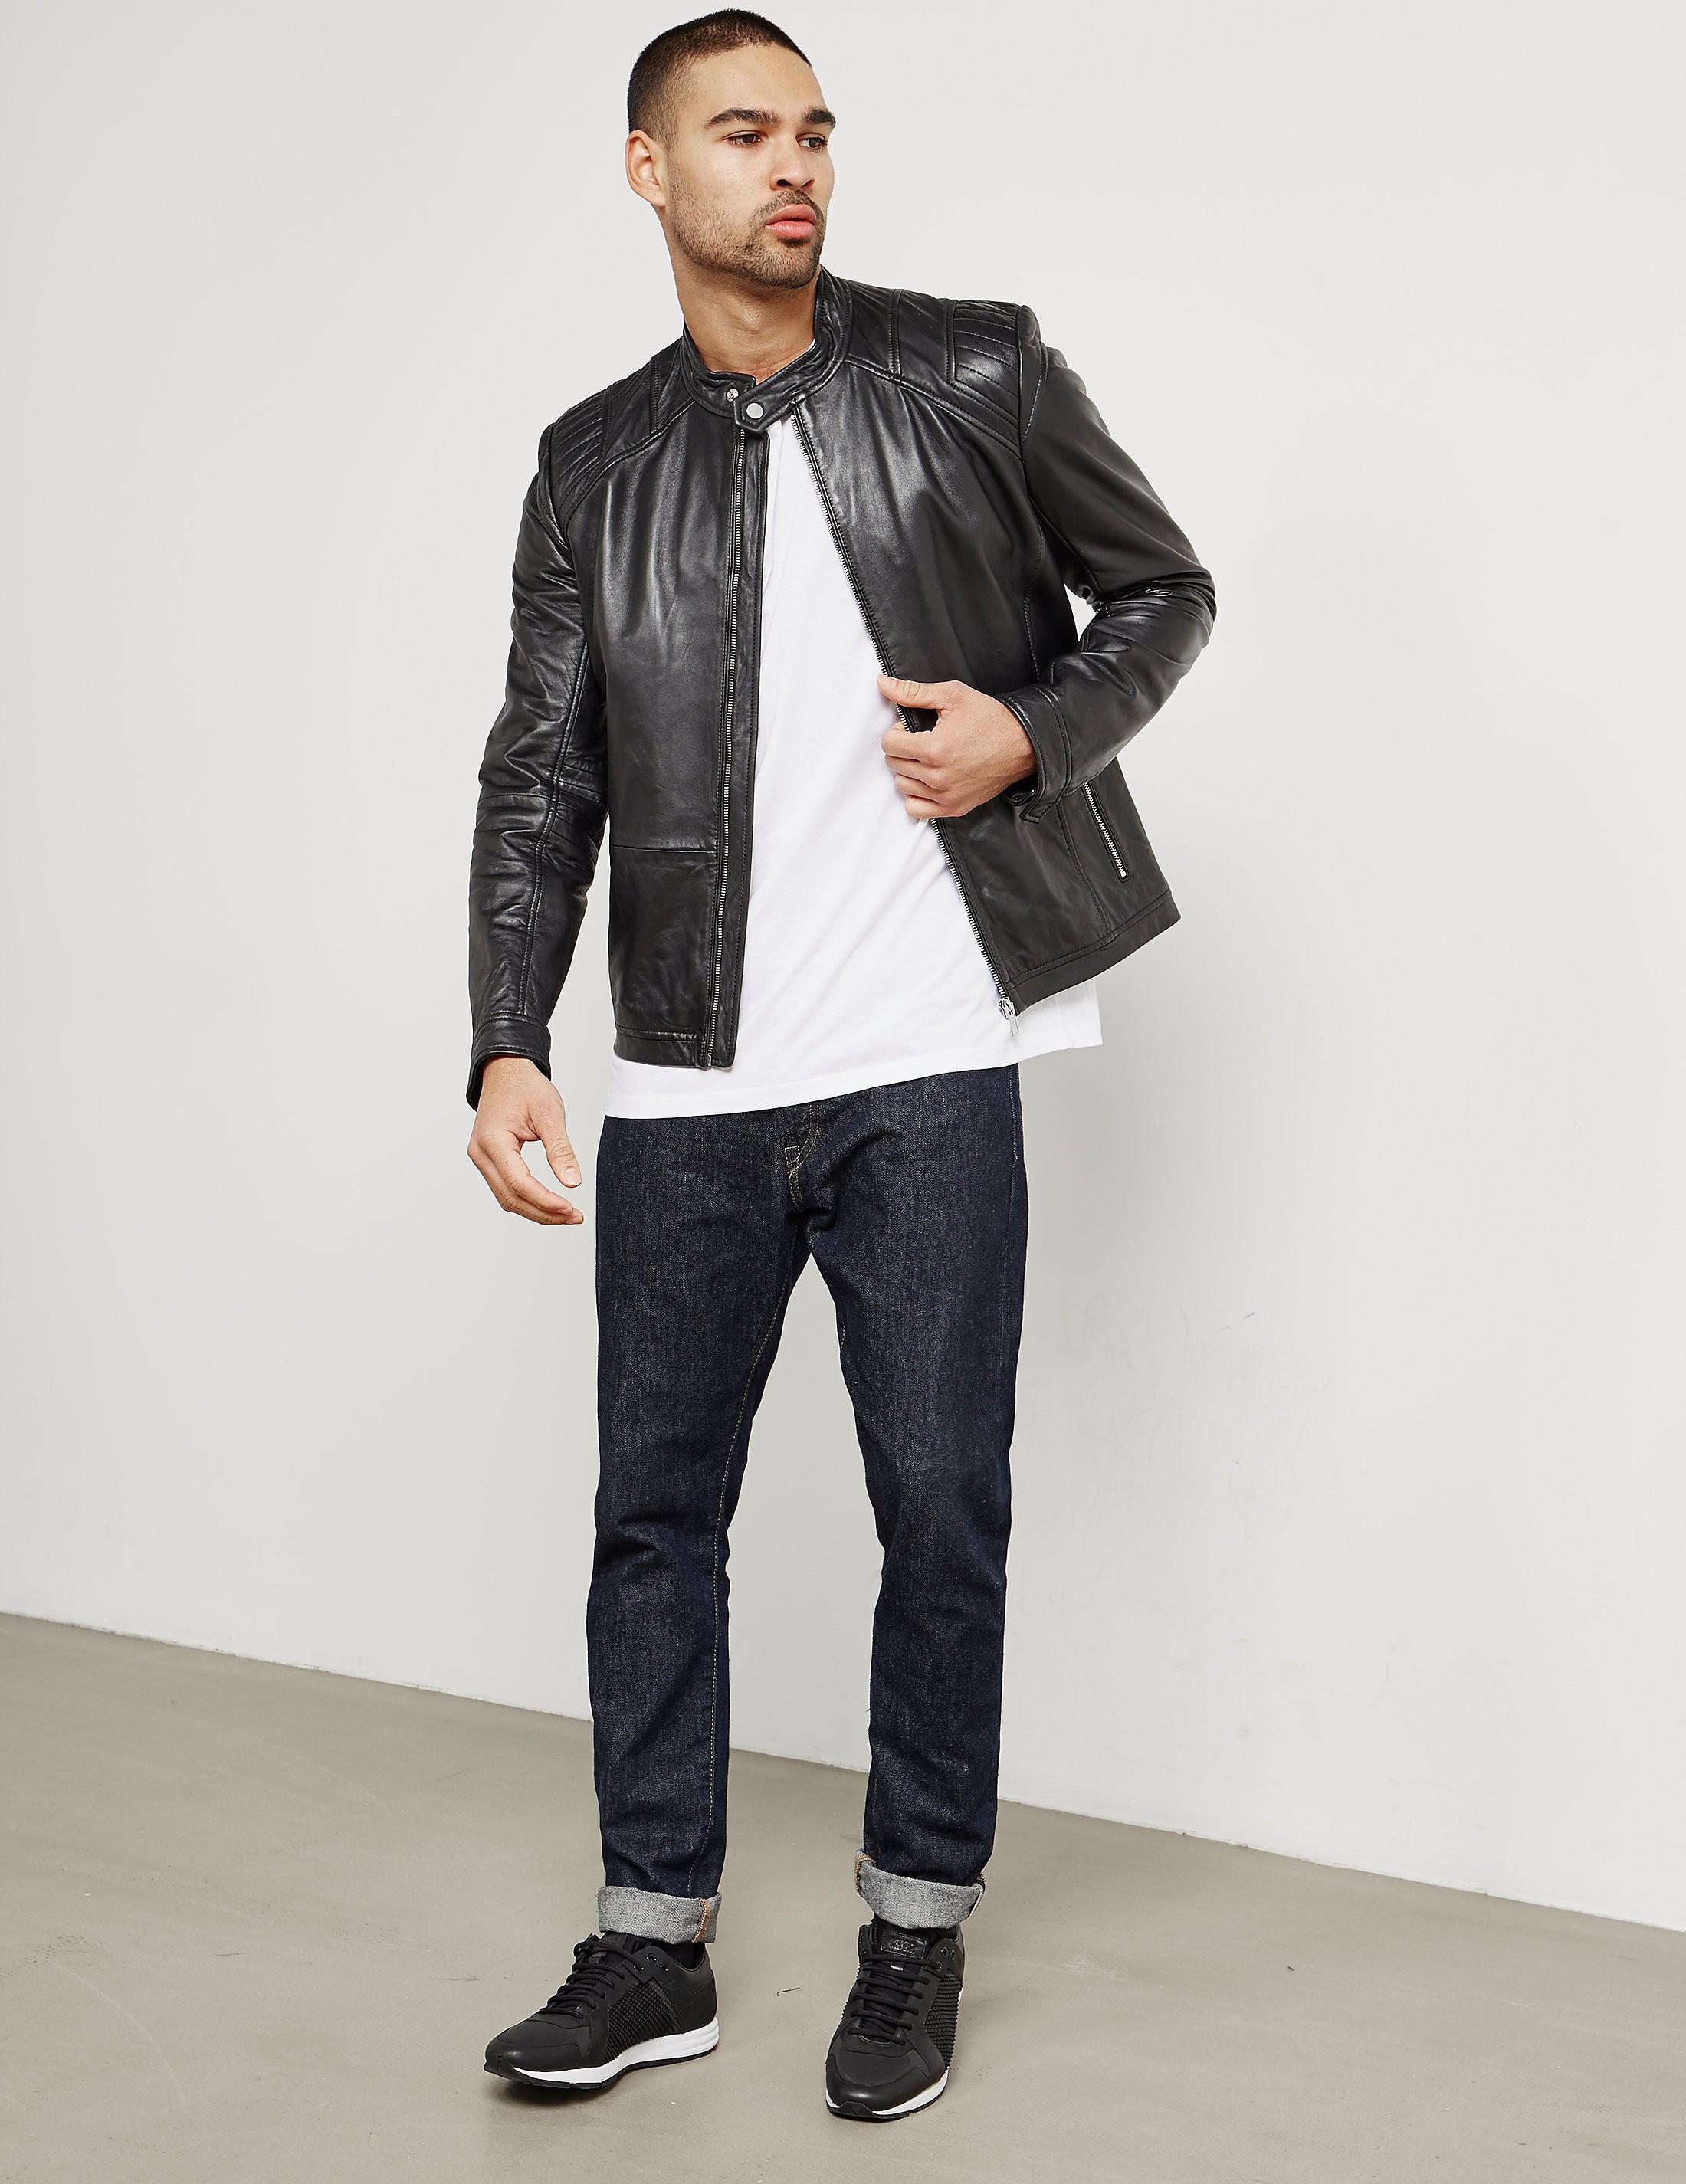 HUGO Lank Leather Jacket